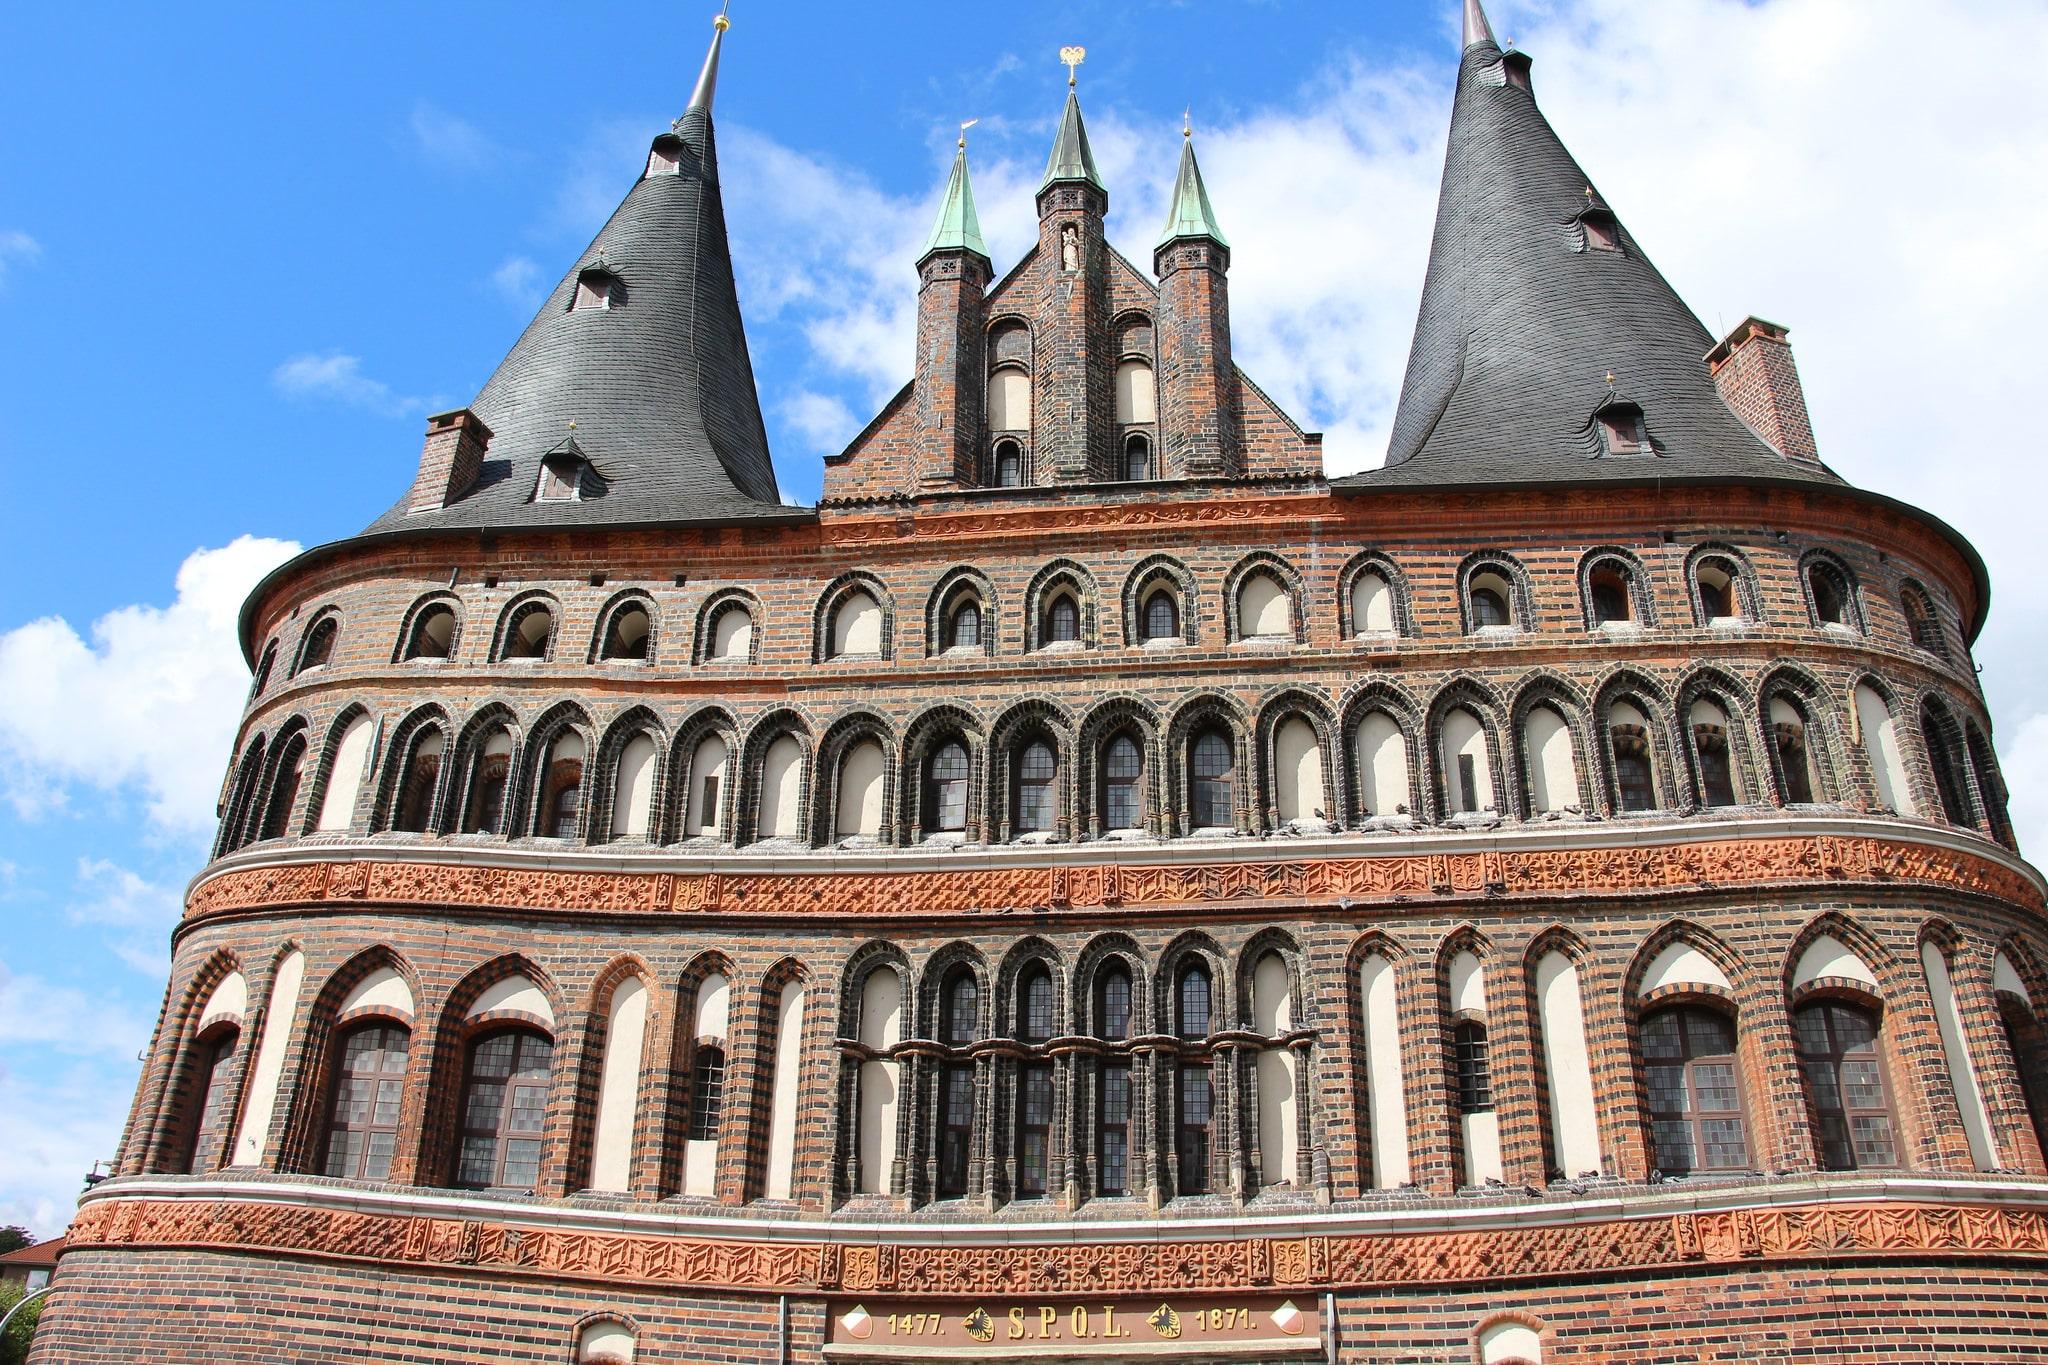 Галерея: Интересные места Германии: Голштинские ворота рис 3